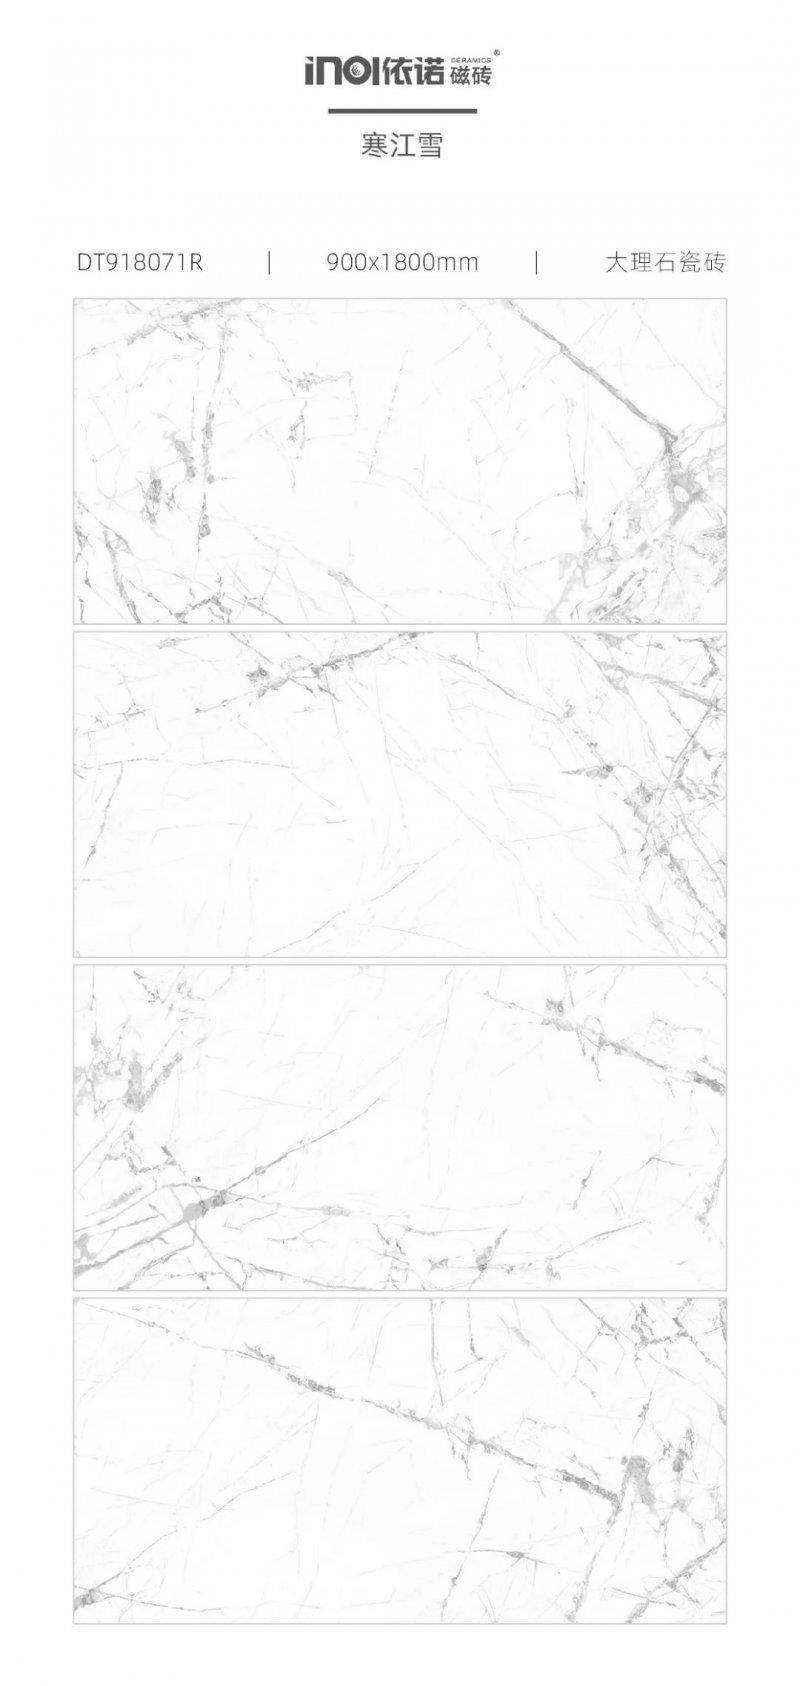 依诺瓷砖图片寒江雪系列 现代简约风格陶瓷效果图